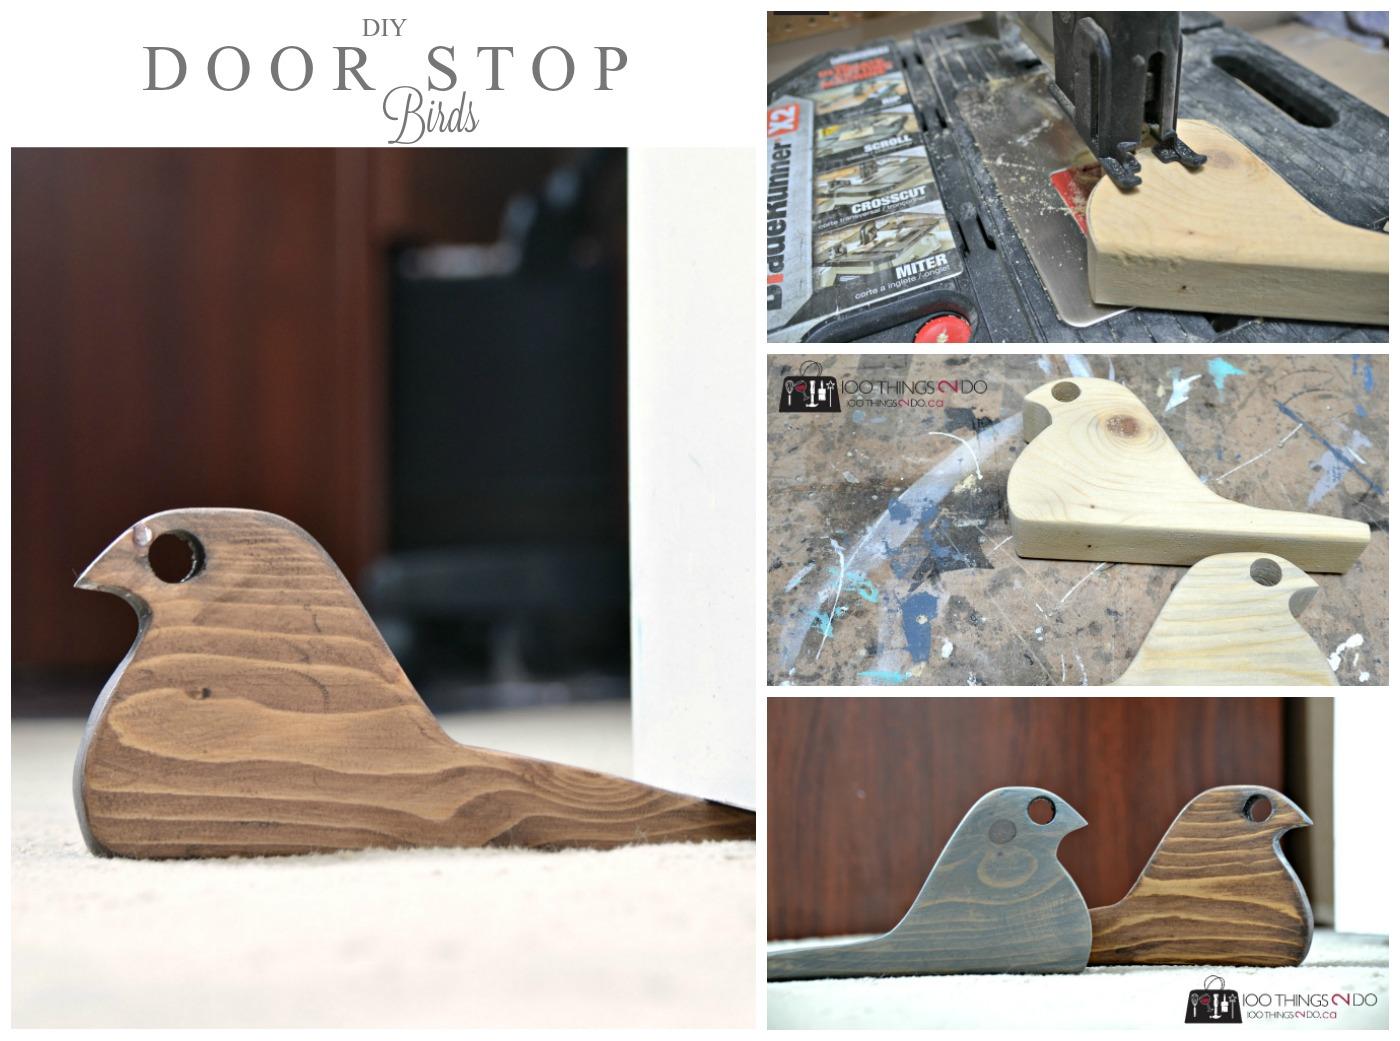 DIY Door stop - Scrap wood bird doorstops & DIY Door Stop - Rustic bird from scrap wood pezcame.com